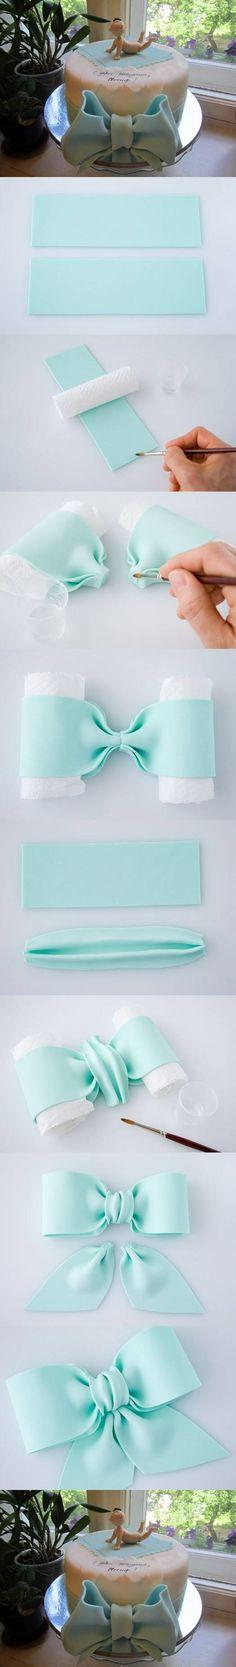 DIY arco decoración de la torta DIY Proyectos | UsefulDIY.com